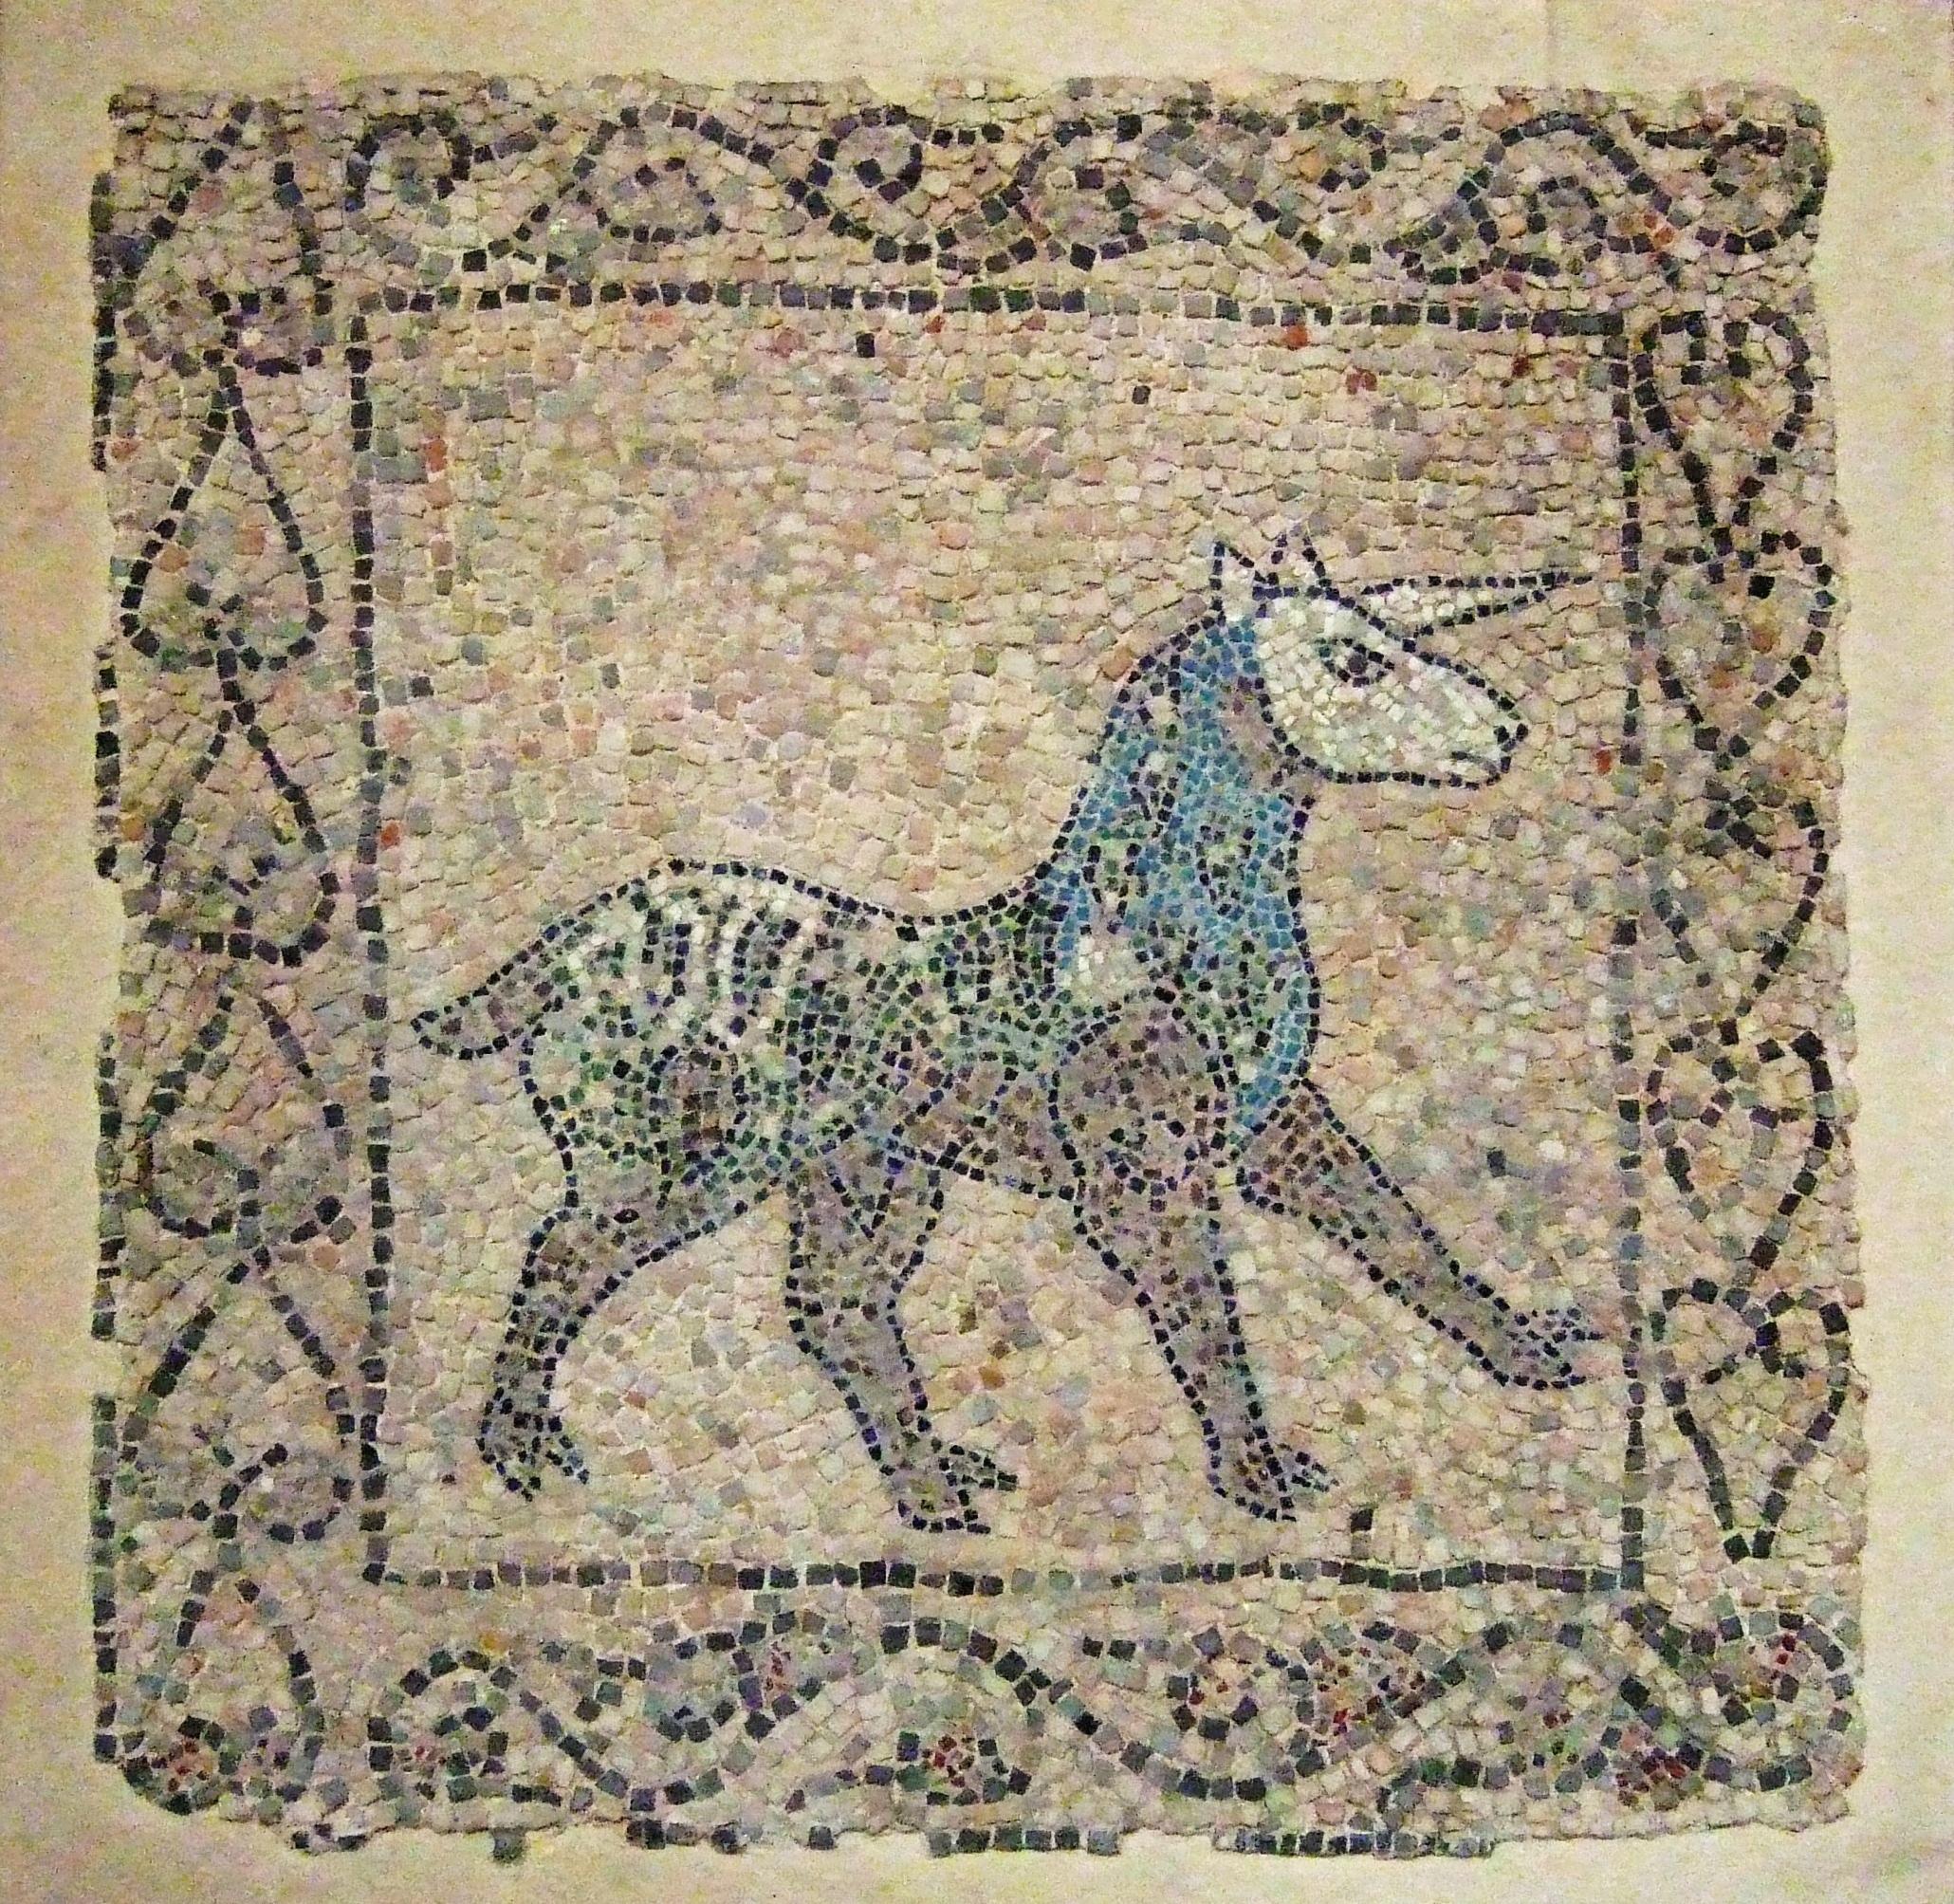 """Los unicornios, por difícil que sea de creer, son nombrados en la Biblia. No una, ni dos, sino nueve veces. La mayoría de los biblistas apuntan que se trata de una mala traducción de la palabra hebrea re'ém, que significaría """"buey"""" o """"búfalo"""", o que haría referencia a un rinoceronte. Curiosamente, hay rinocerontes de uno y de dos cuernos, lo que haría de la presencia del unicornio """"re'ém"""" en el texto bíblico algo un tanto más coherente."""